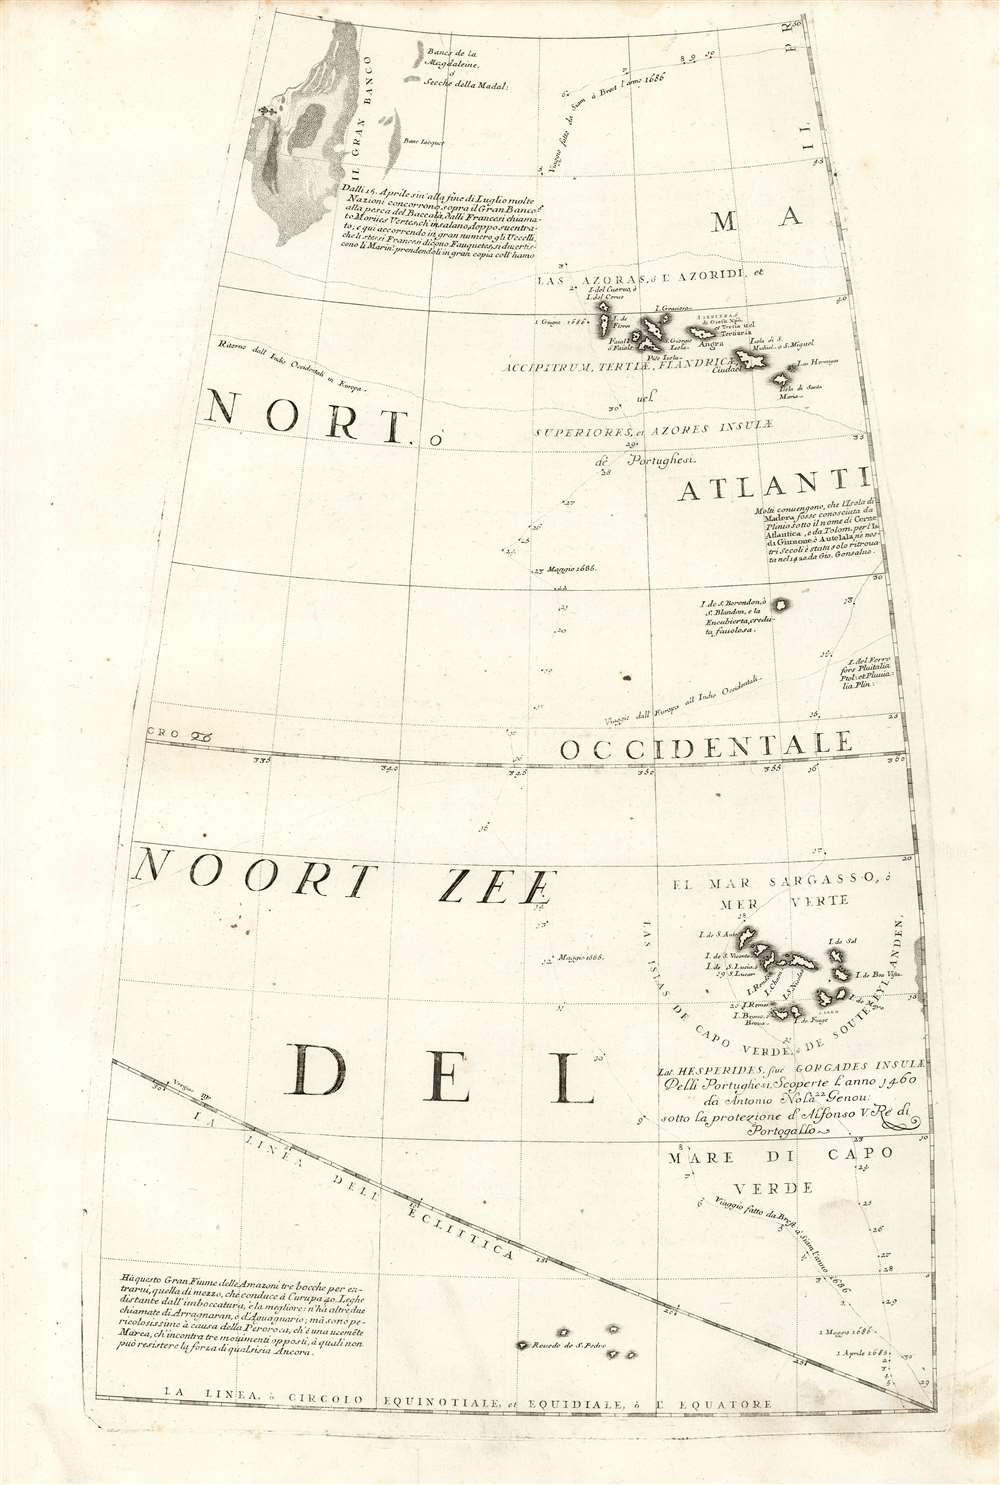 1688 / 1697 Coronelli Globe Gore: Grand Banks, Azores, and Cape Verde Islands